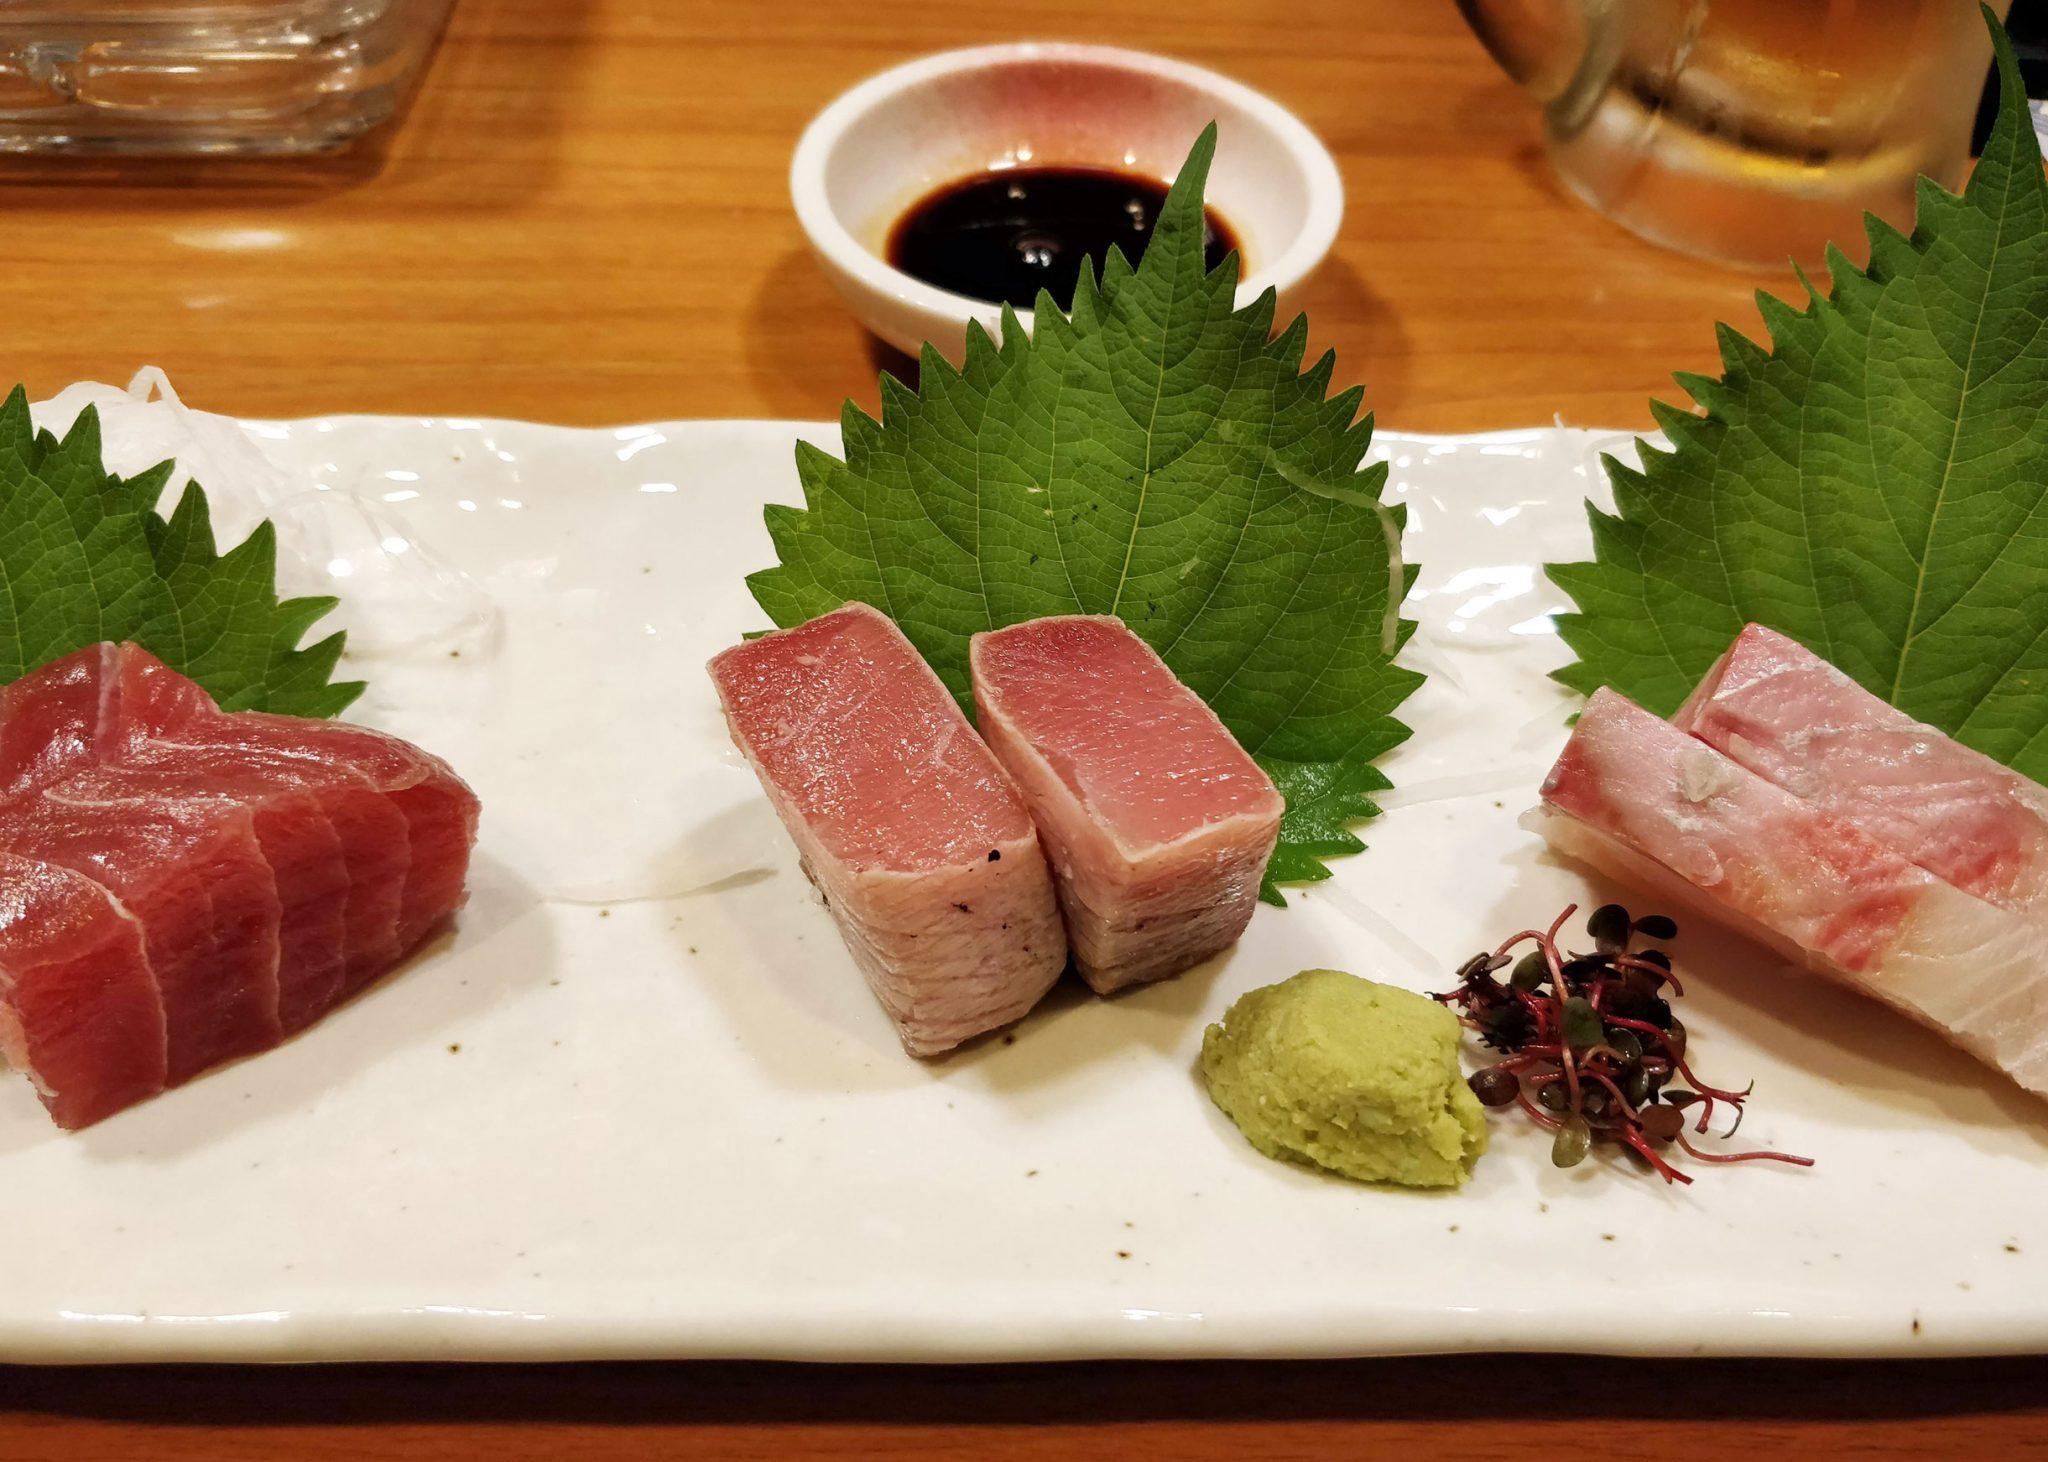 sashimi-annos japanissa, raakaa kalaa, koristelehtiä ja wasabia